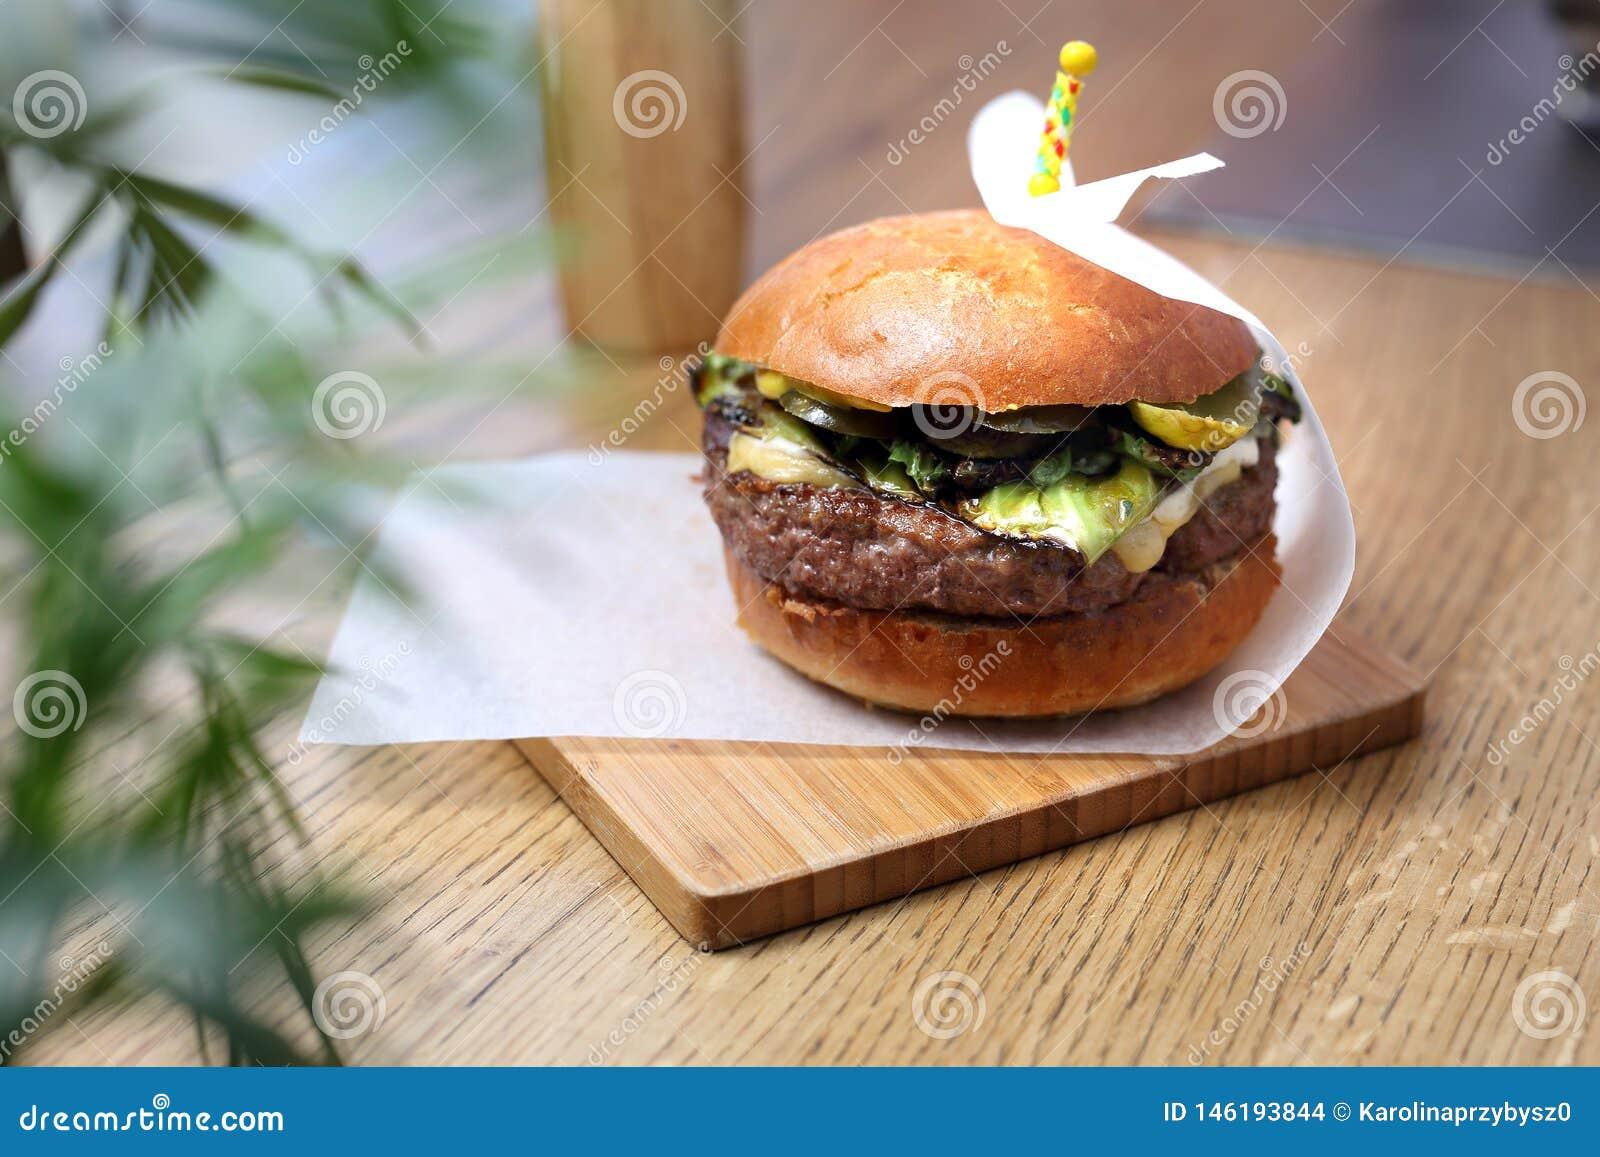 Hamburguesa con la chuleta de la carne de vaca con la ensalada verde y las verduras verdes asadas a la parrilla